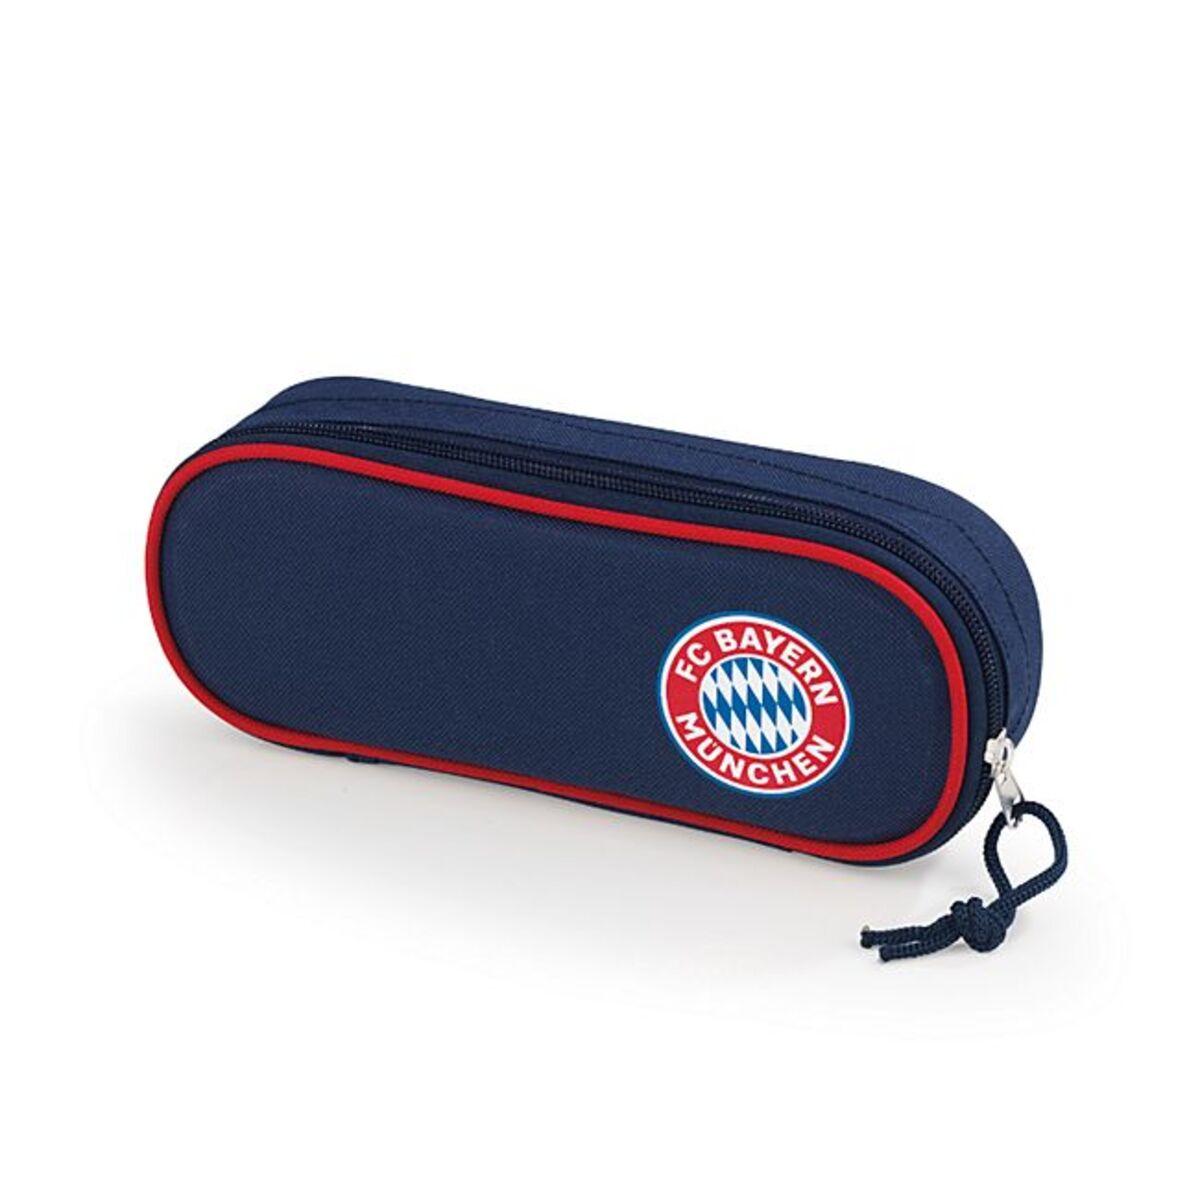 Bild 1 von FCB Faulenzermäppchen Mia san Mia blau/rot mit Logo